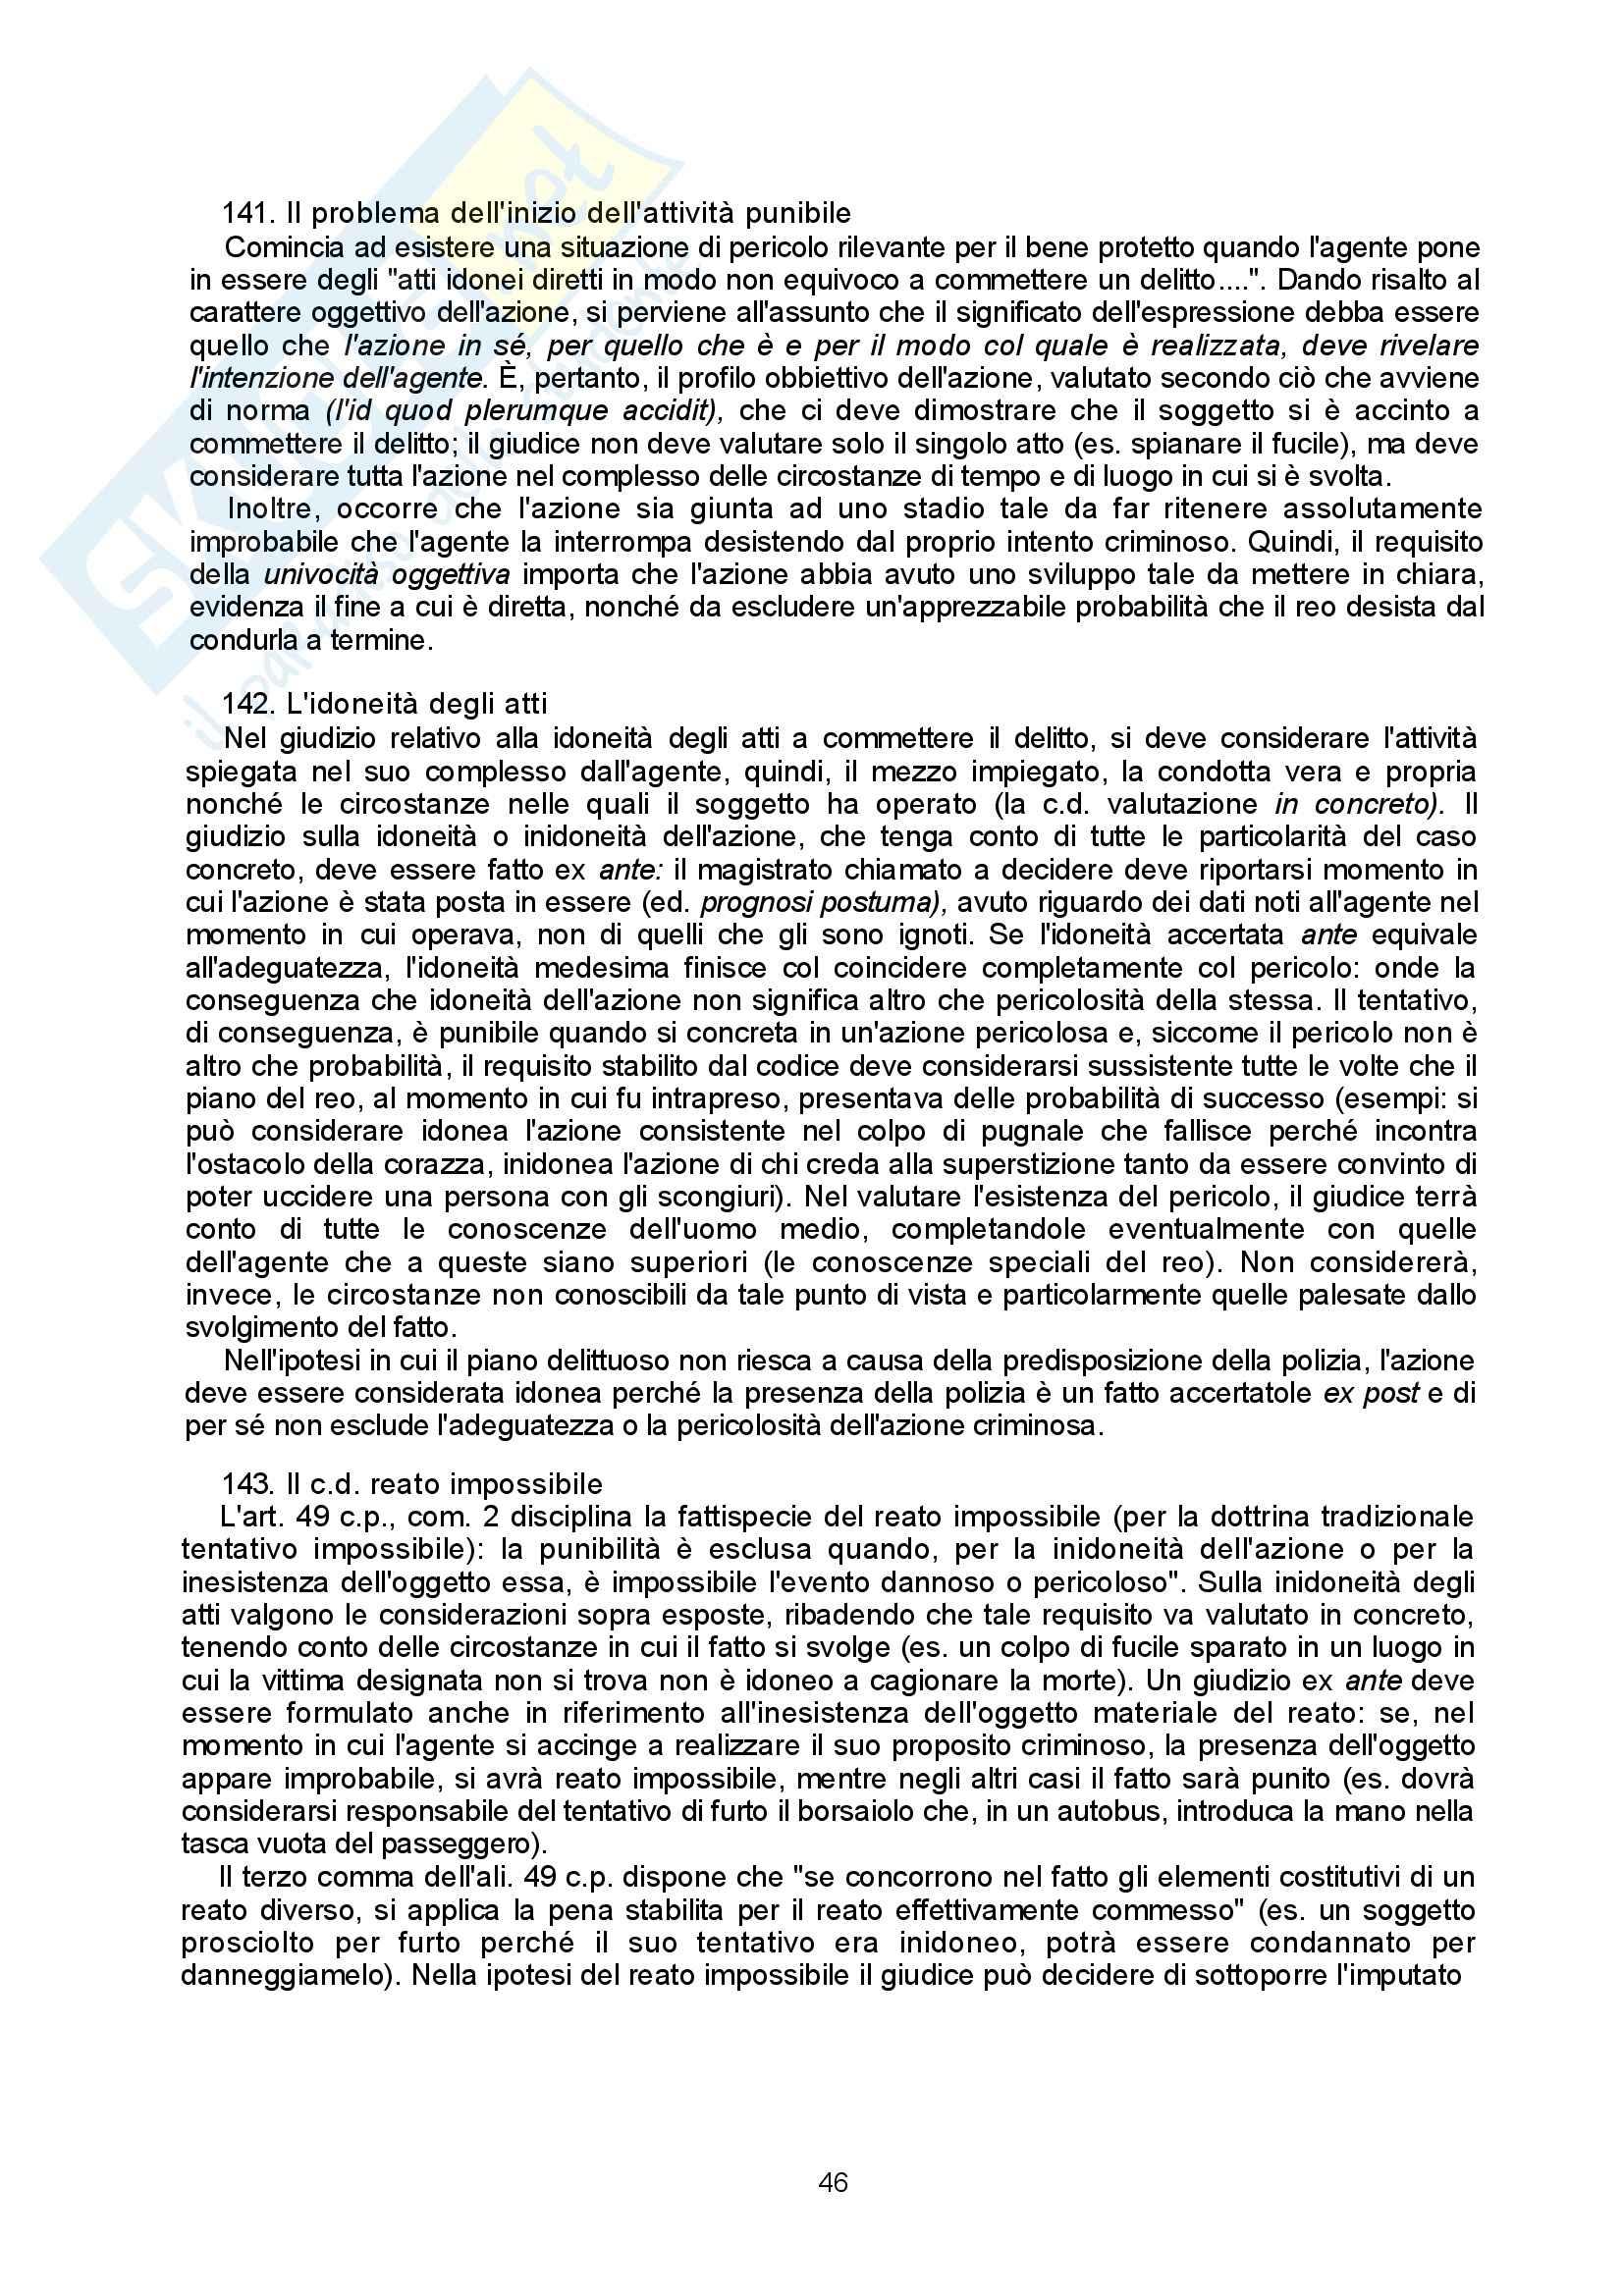 Diritto penale - Appunti Pag. 46